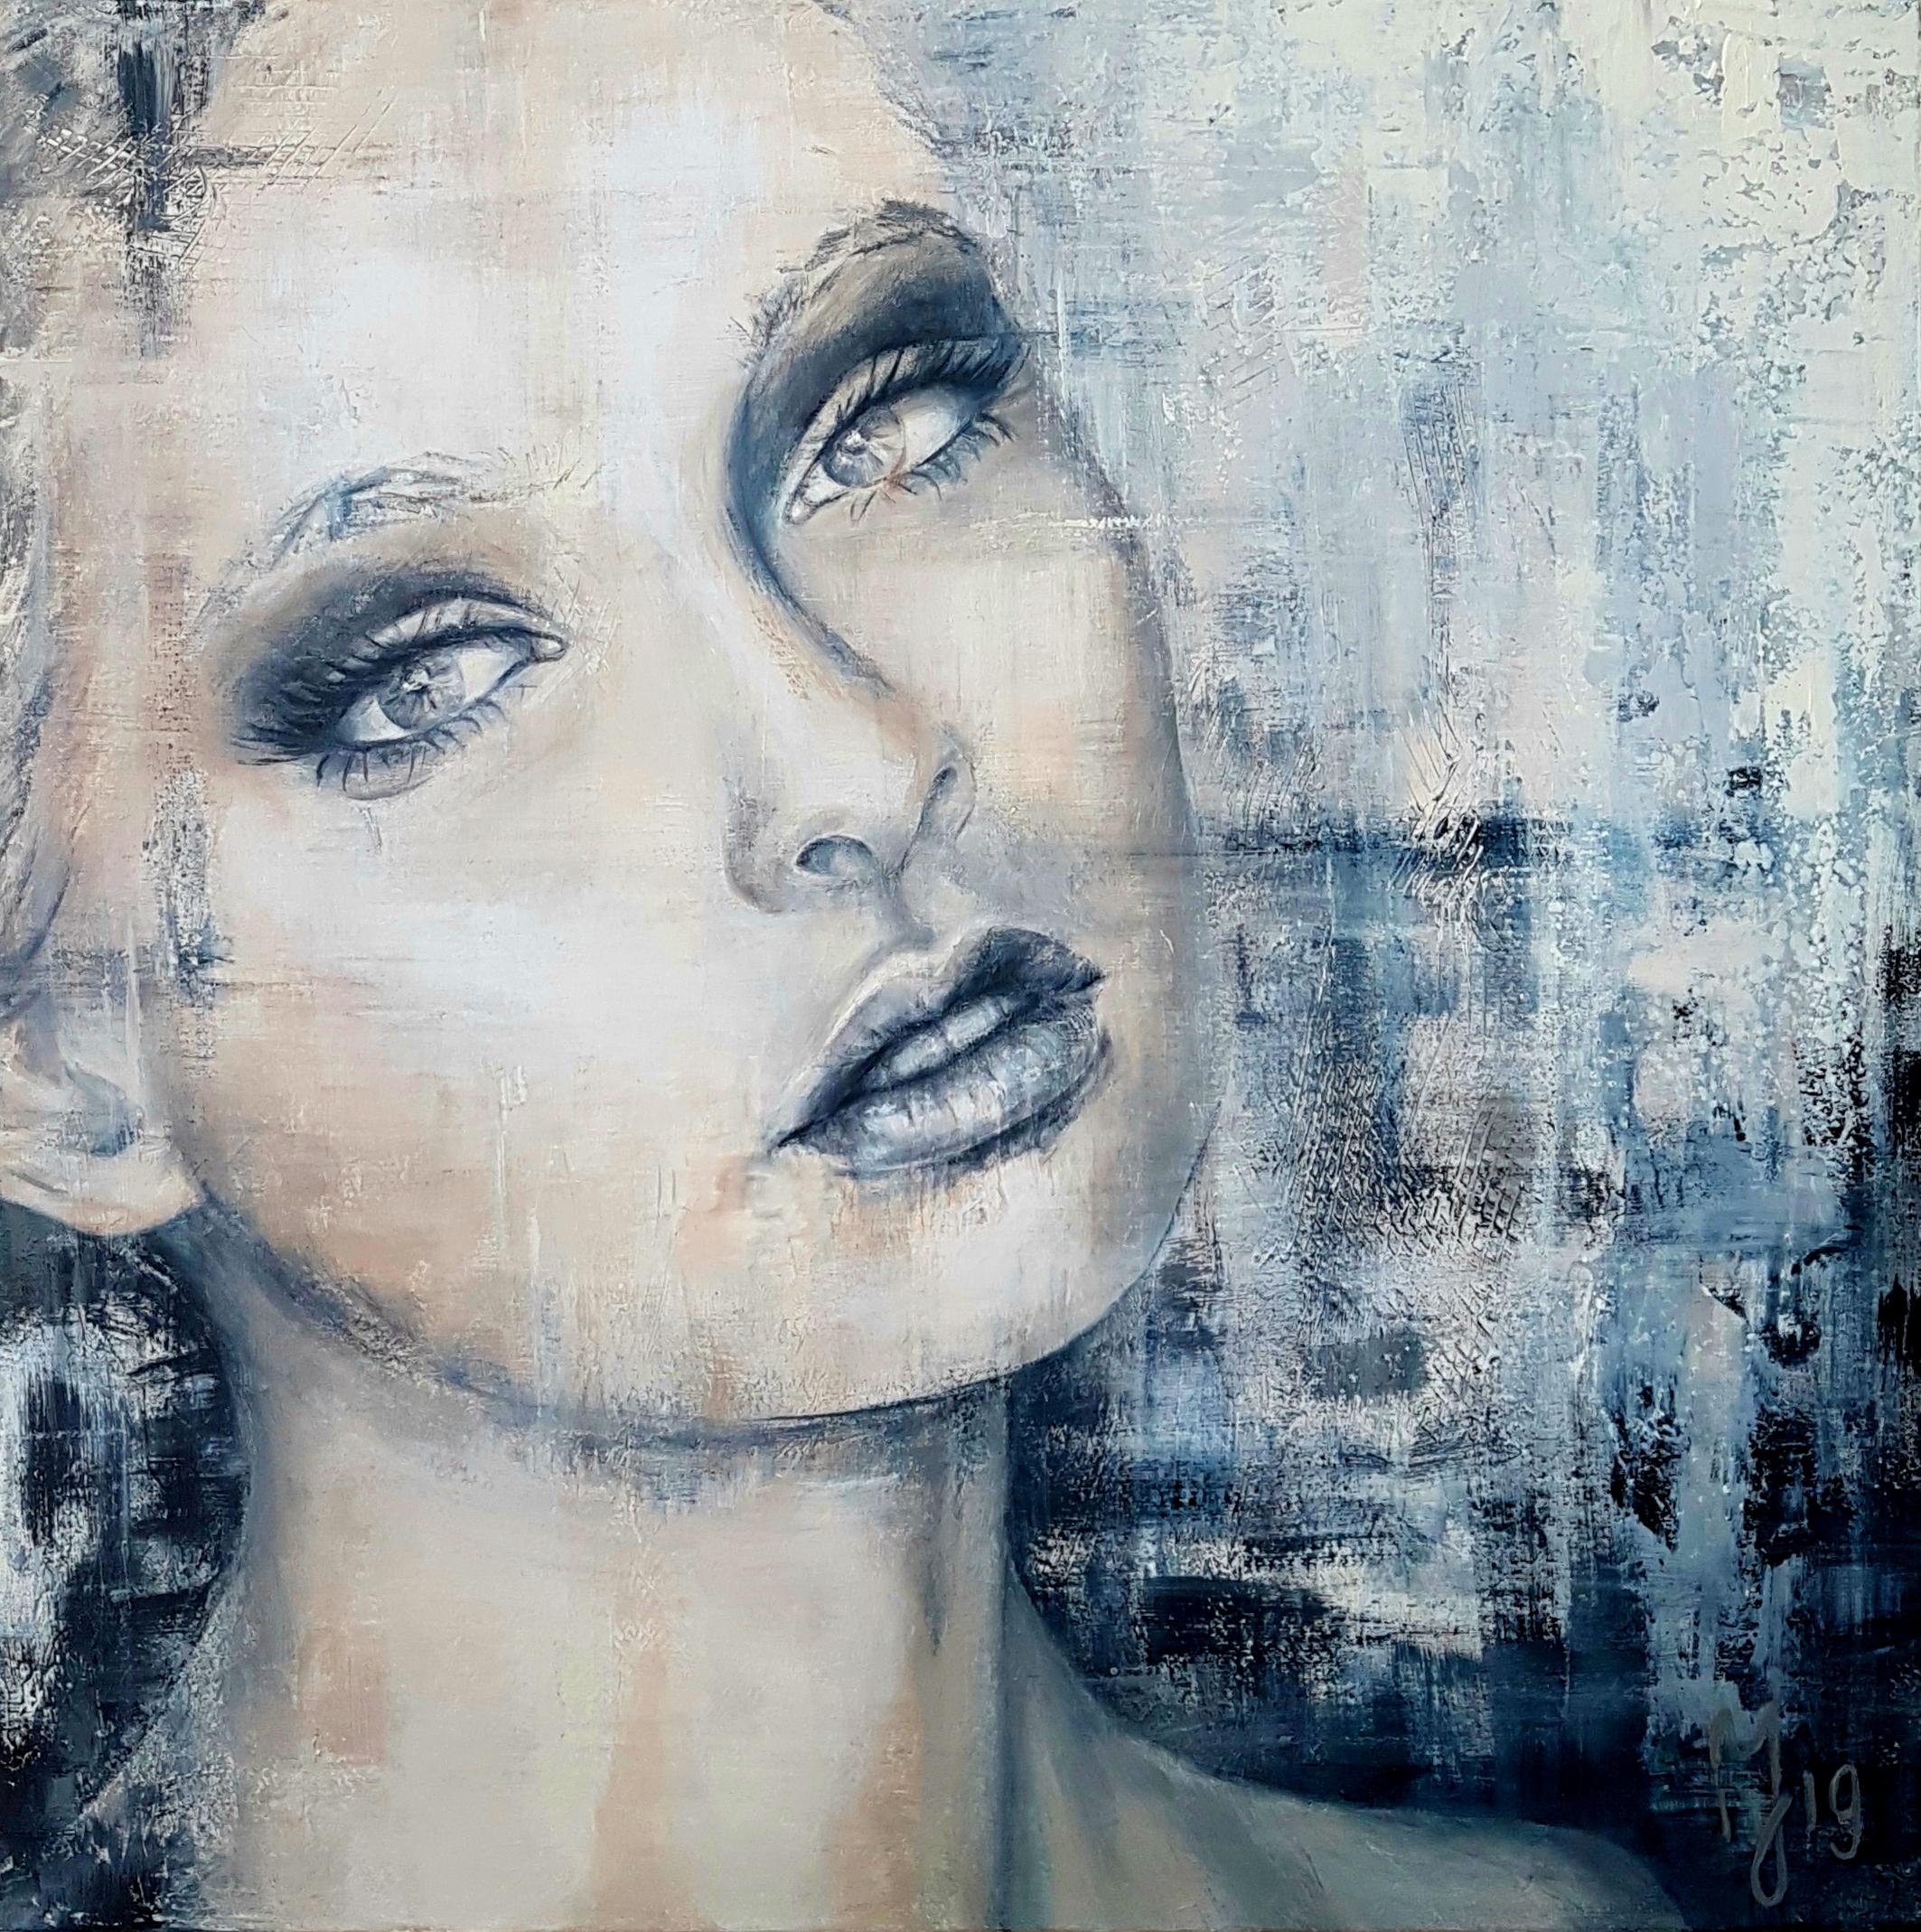 Dreamer | Portretten | 90x90 | Acryl Op Linnen | Prive